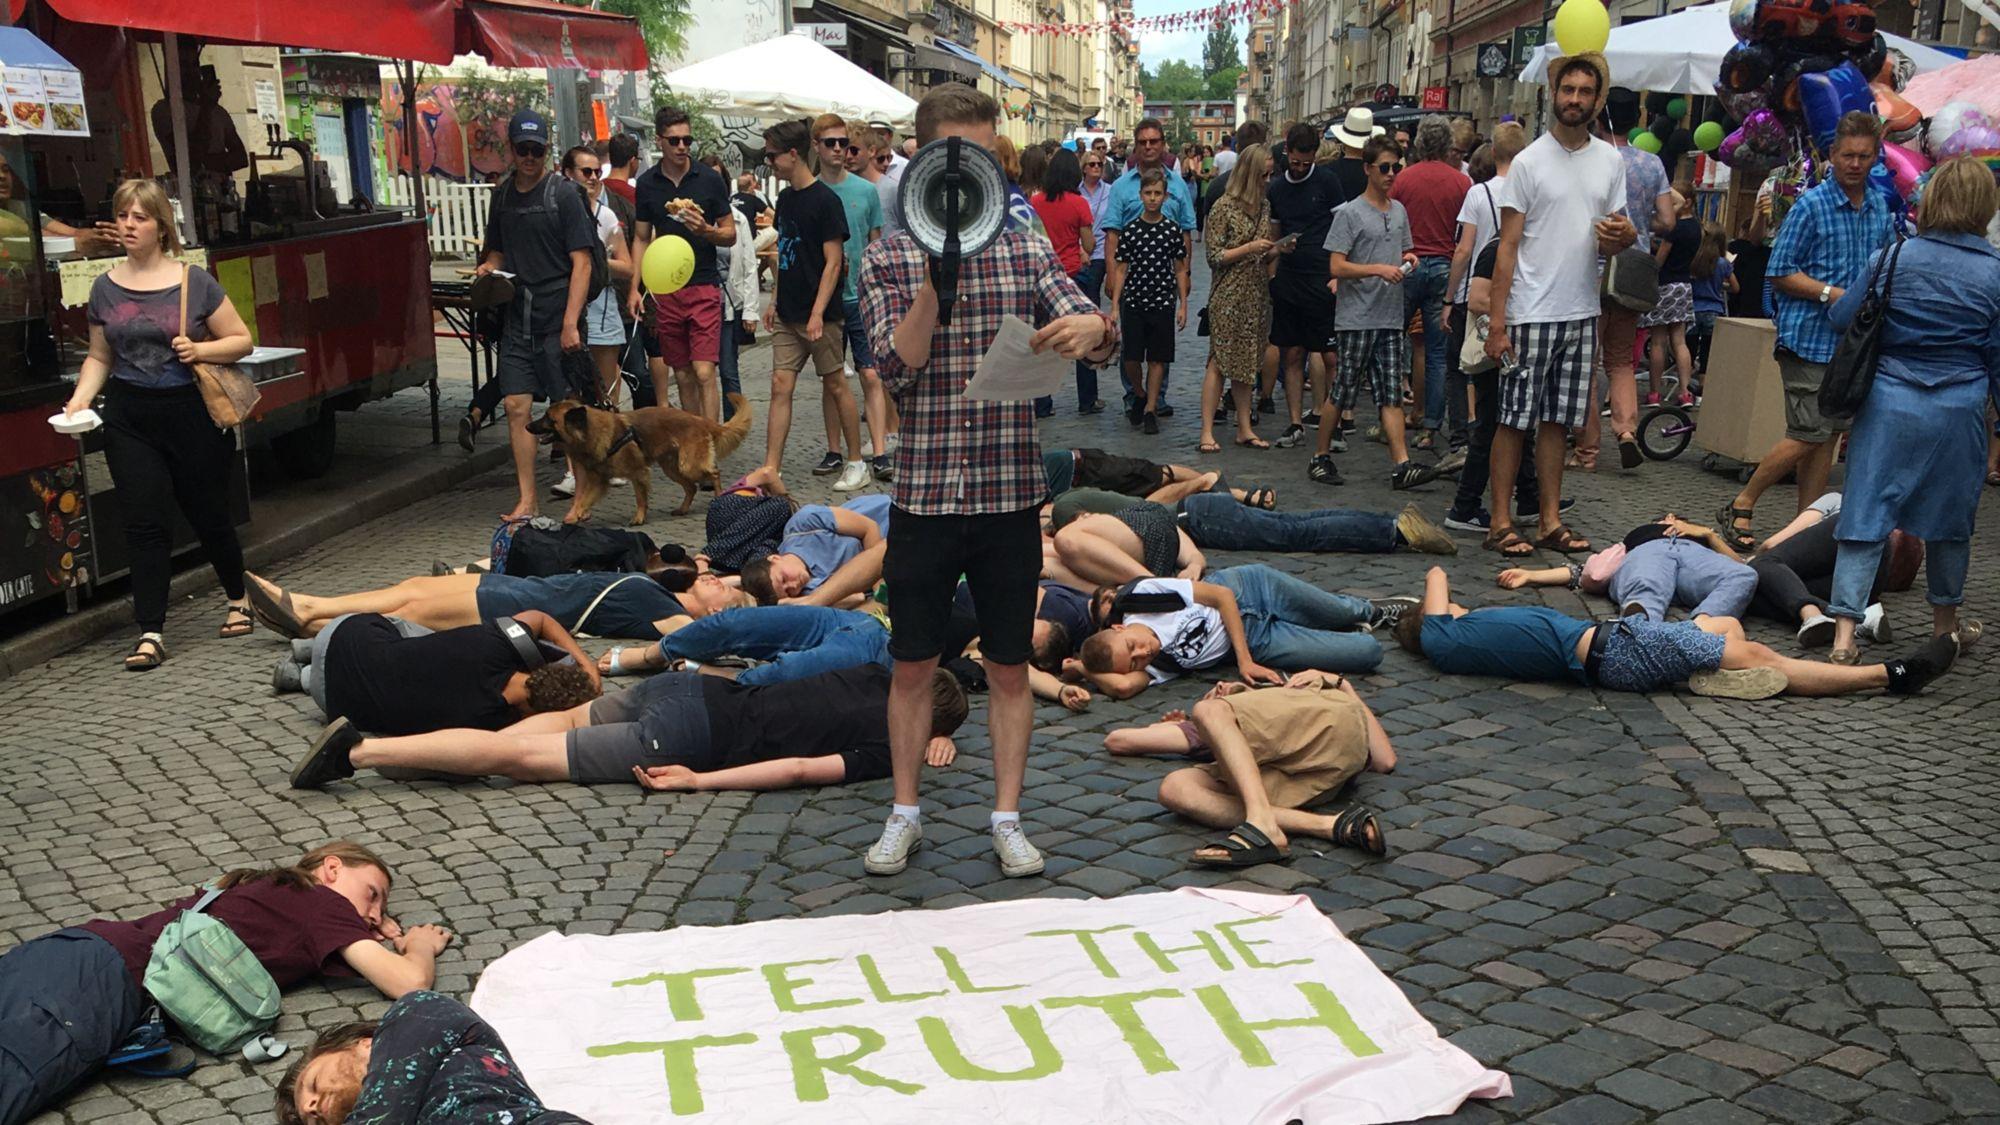 Aktion der Gruppe Instinction Rebellion auf der Louisenstraße